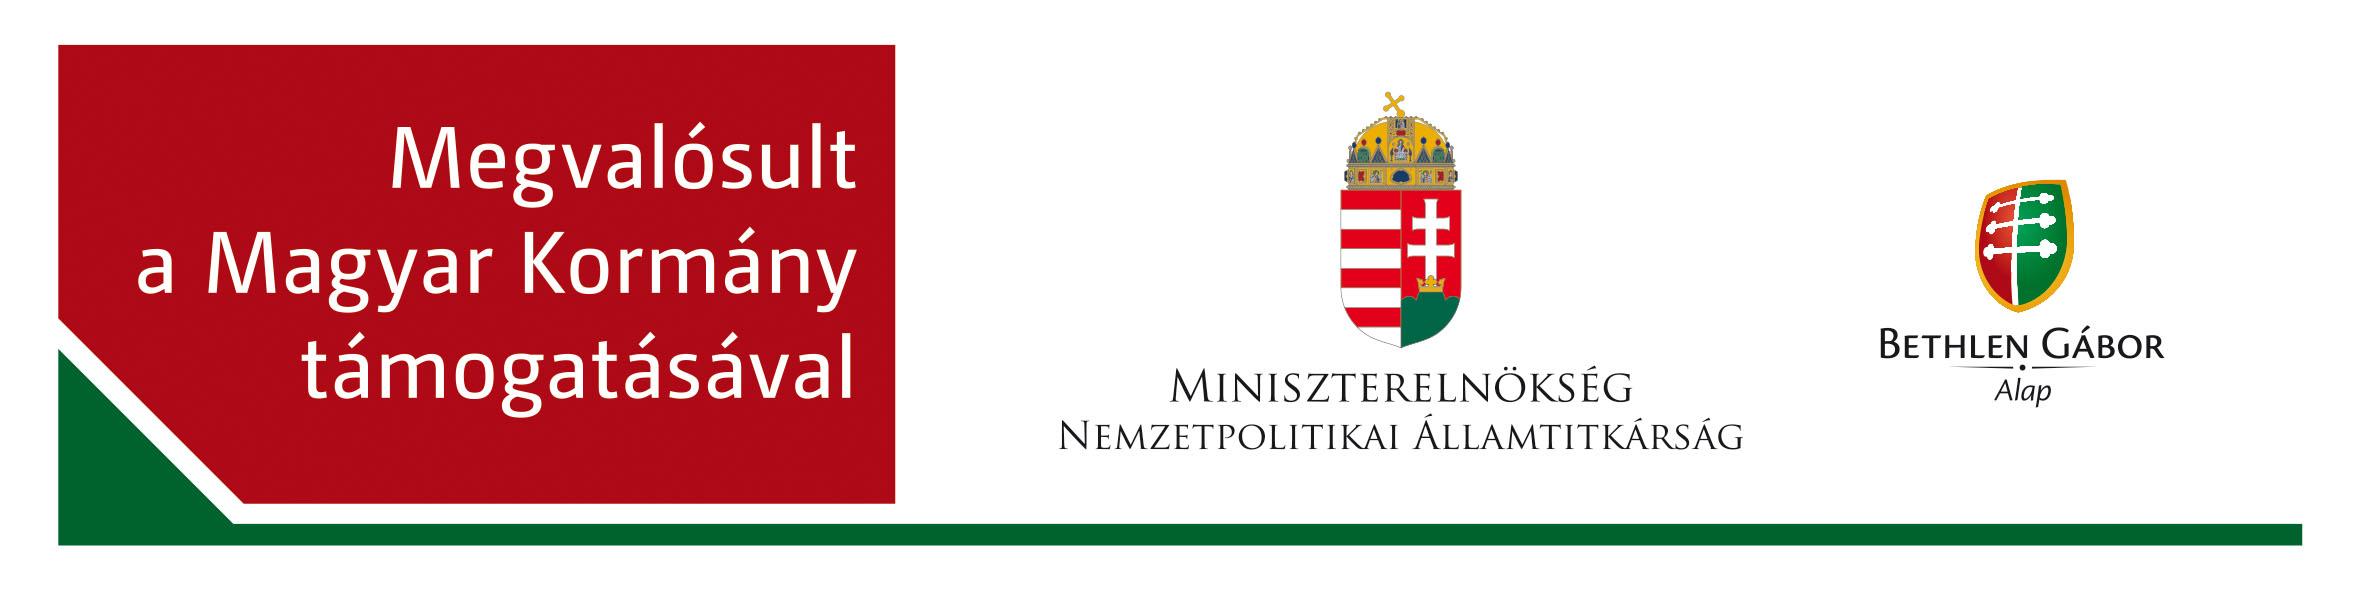 Támogatónk: Bethlen Gábor Alapkezelő Zrt.